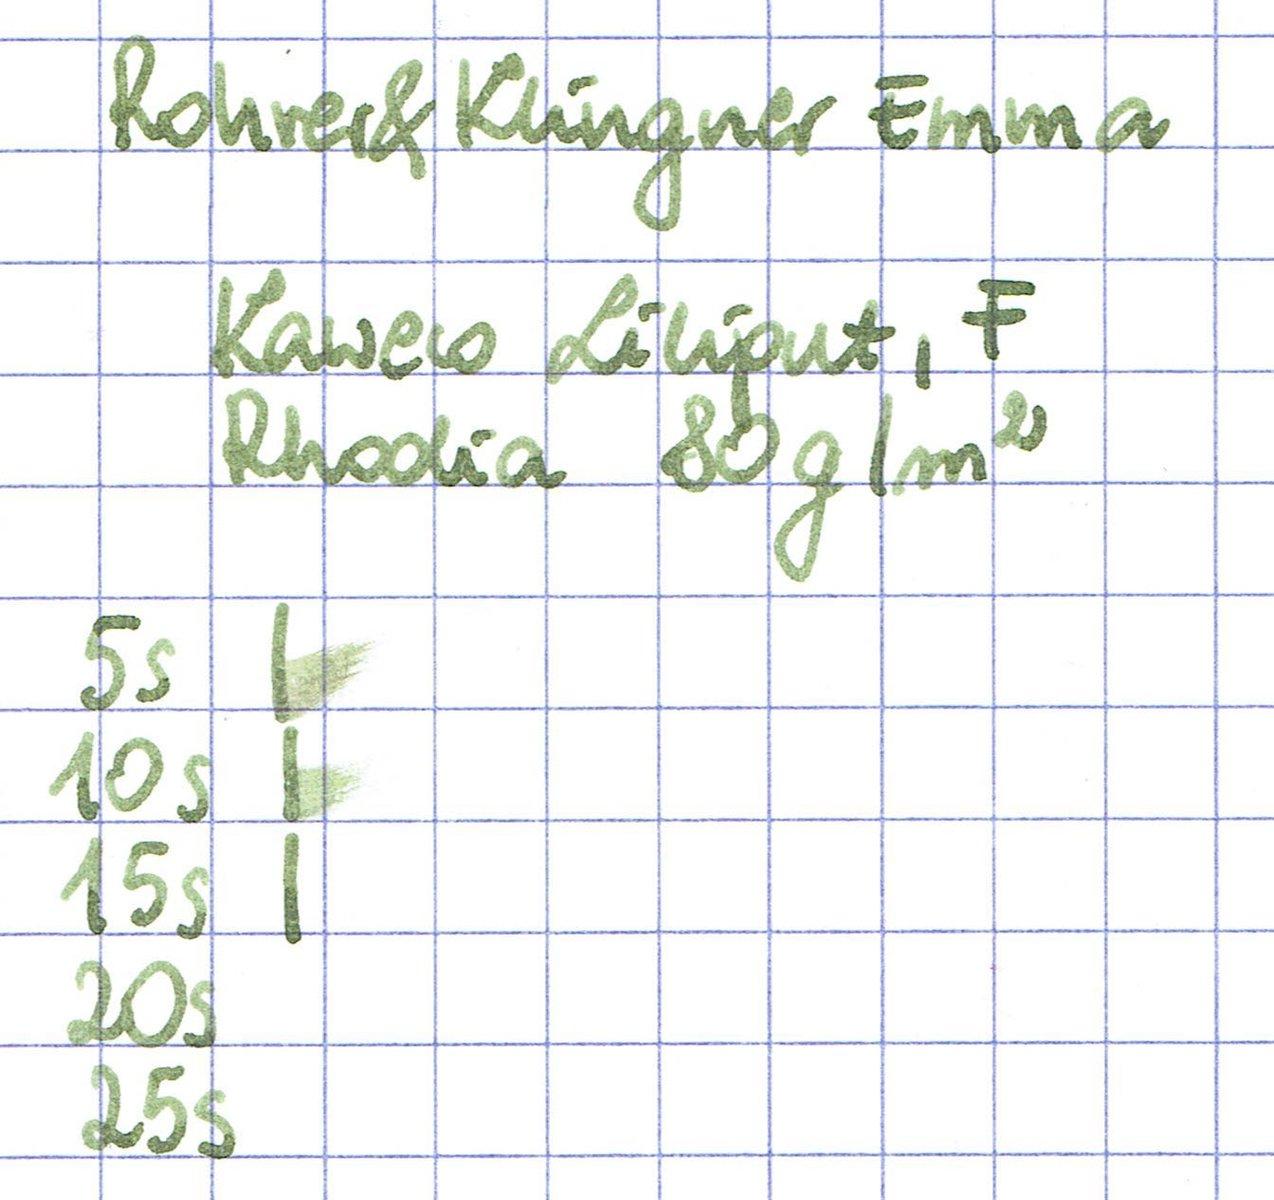 large.5ad23a43a7e50_RohrerKlingnerEmmaRhodia.jpg.1184a8e3cf7860cc0a529d83ccc85a6b.jpg